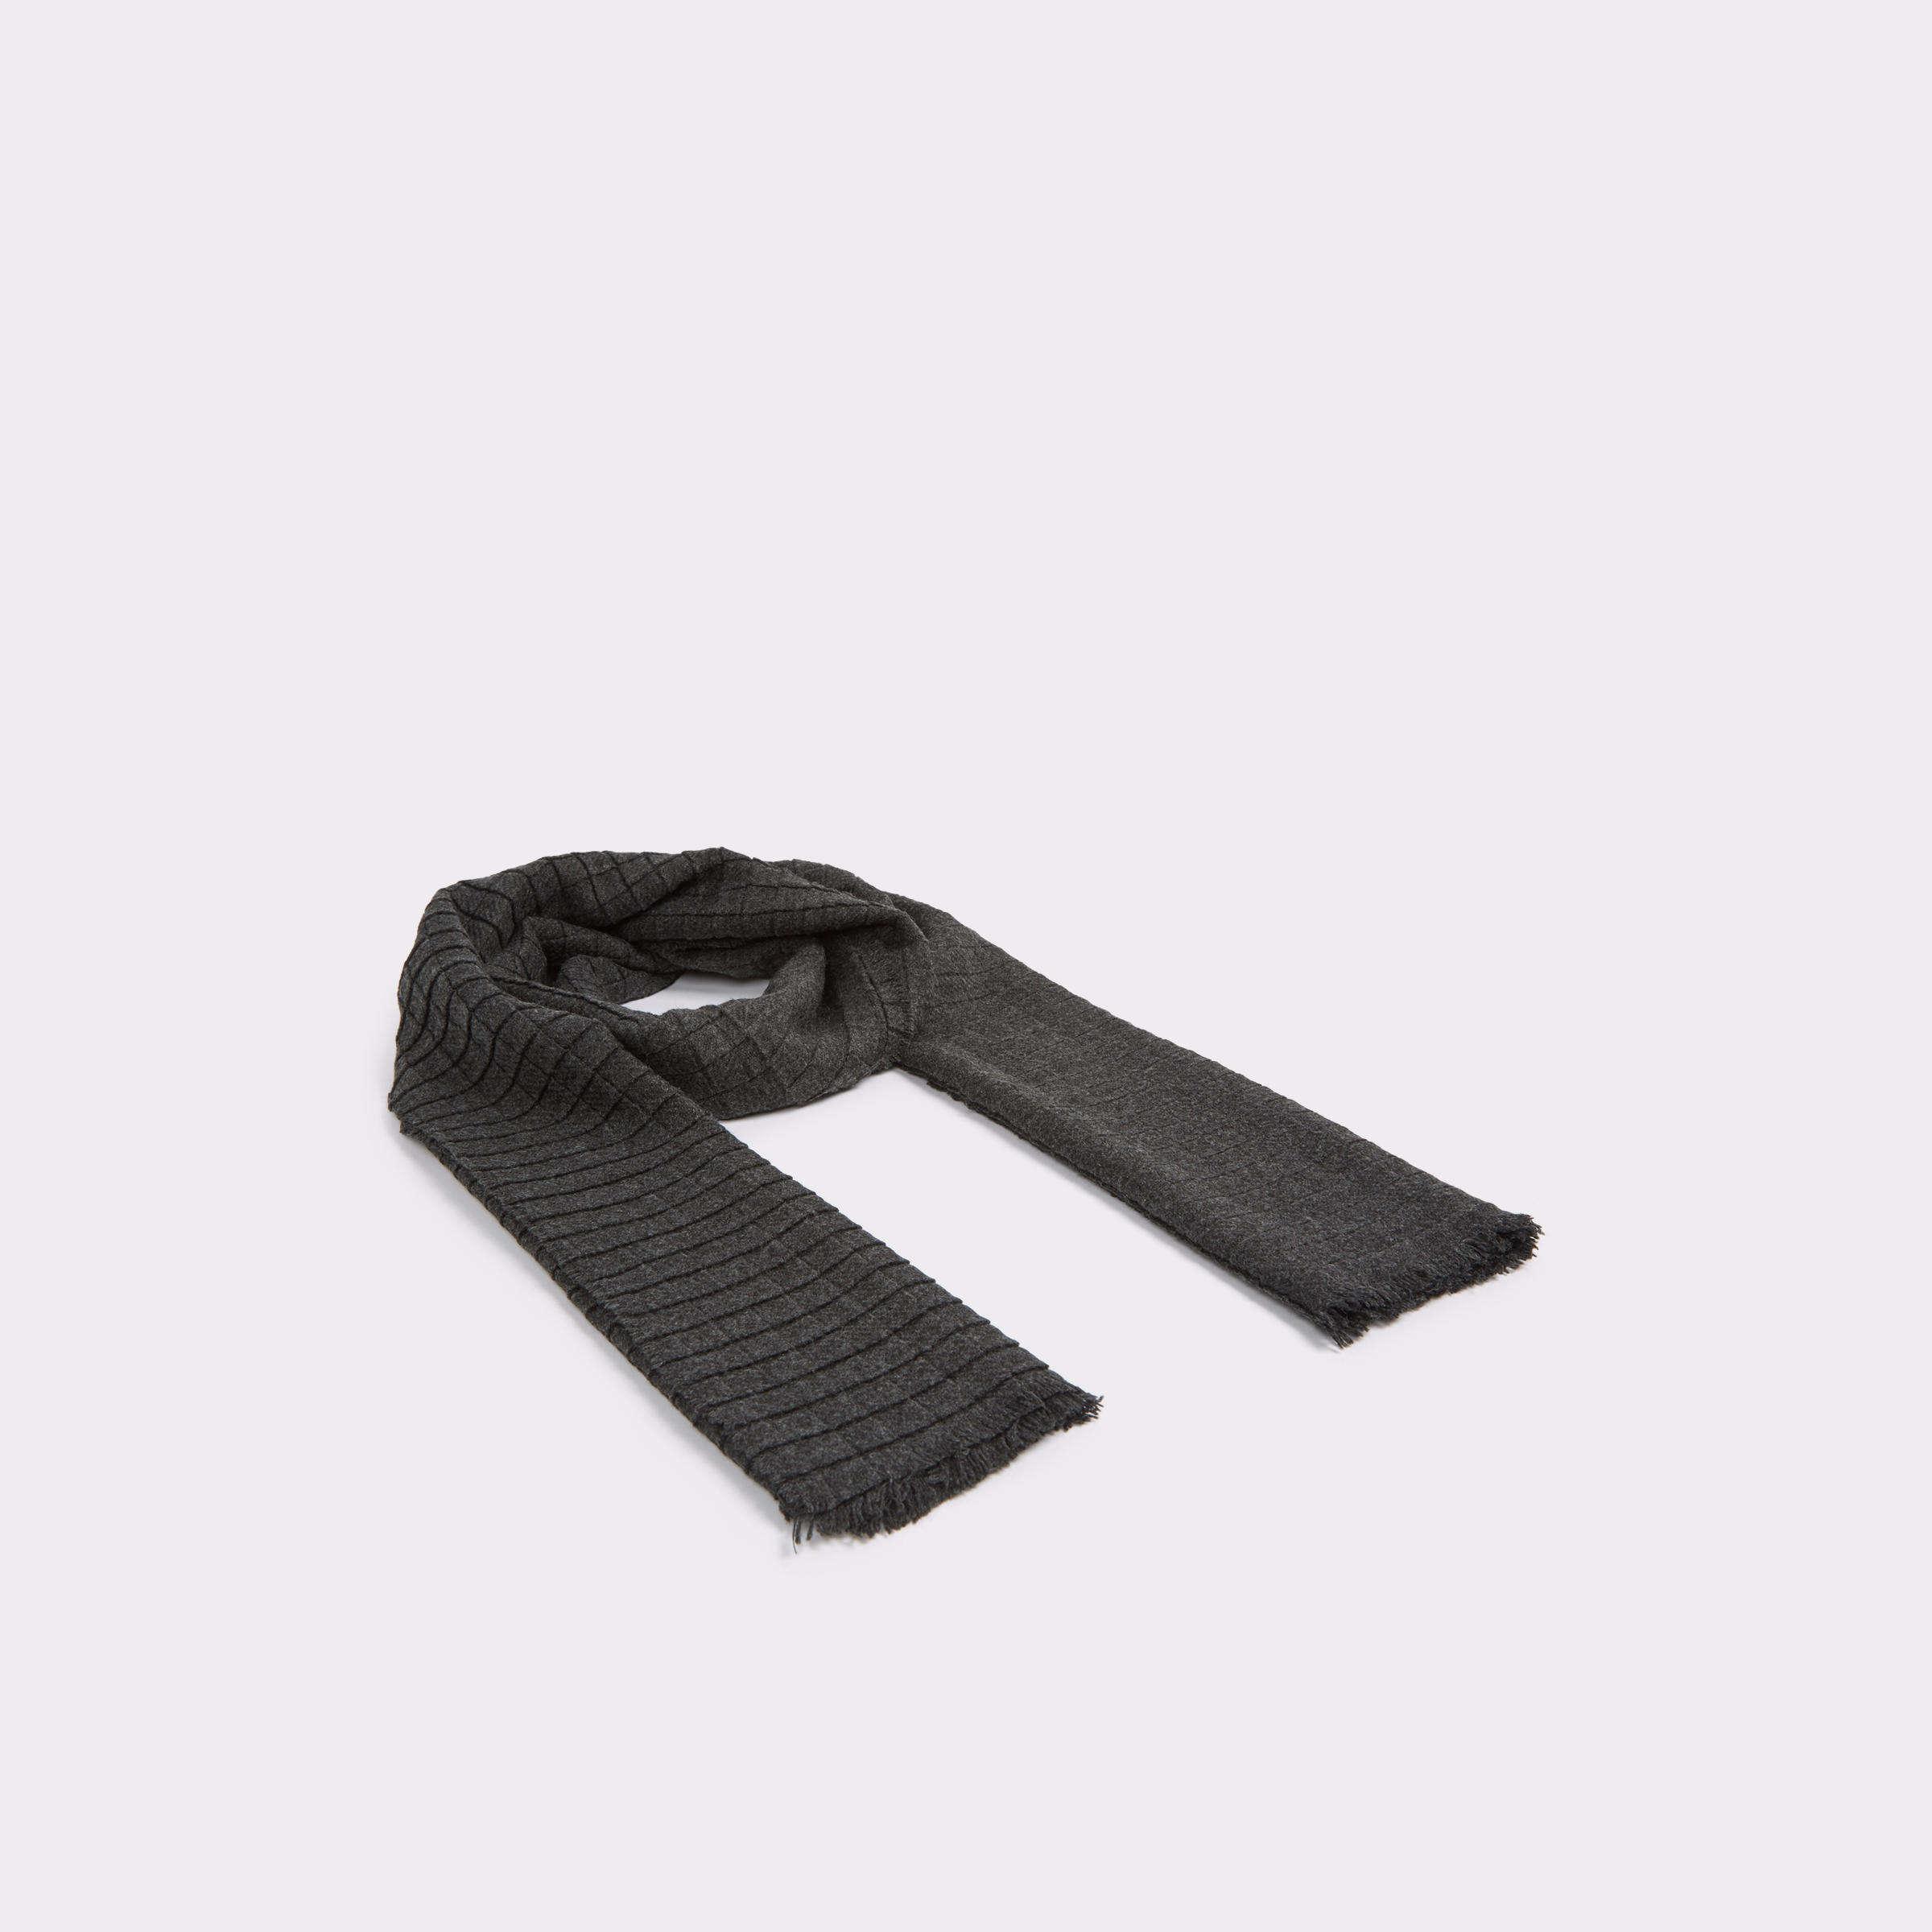 Esarfa Gri, pentru barbati, ALDO - Charl18, din material textil